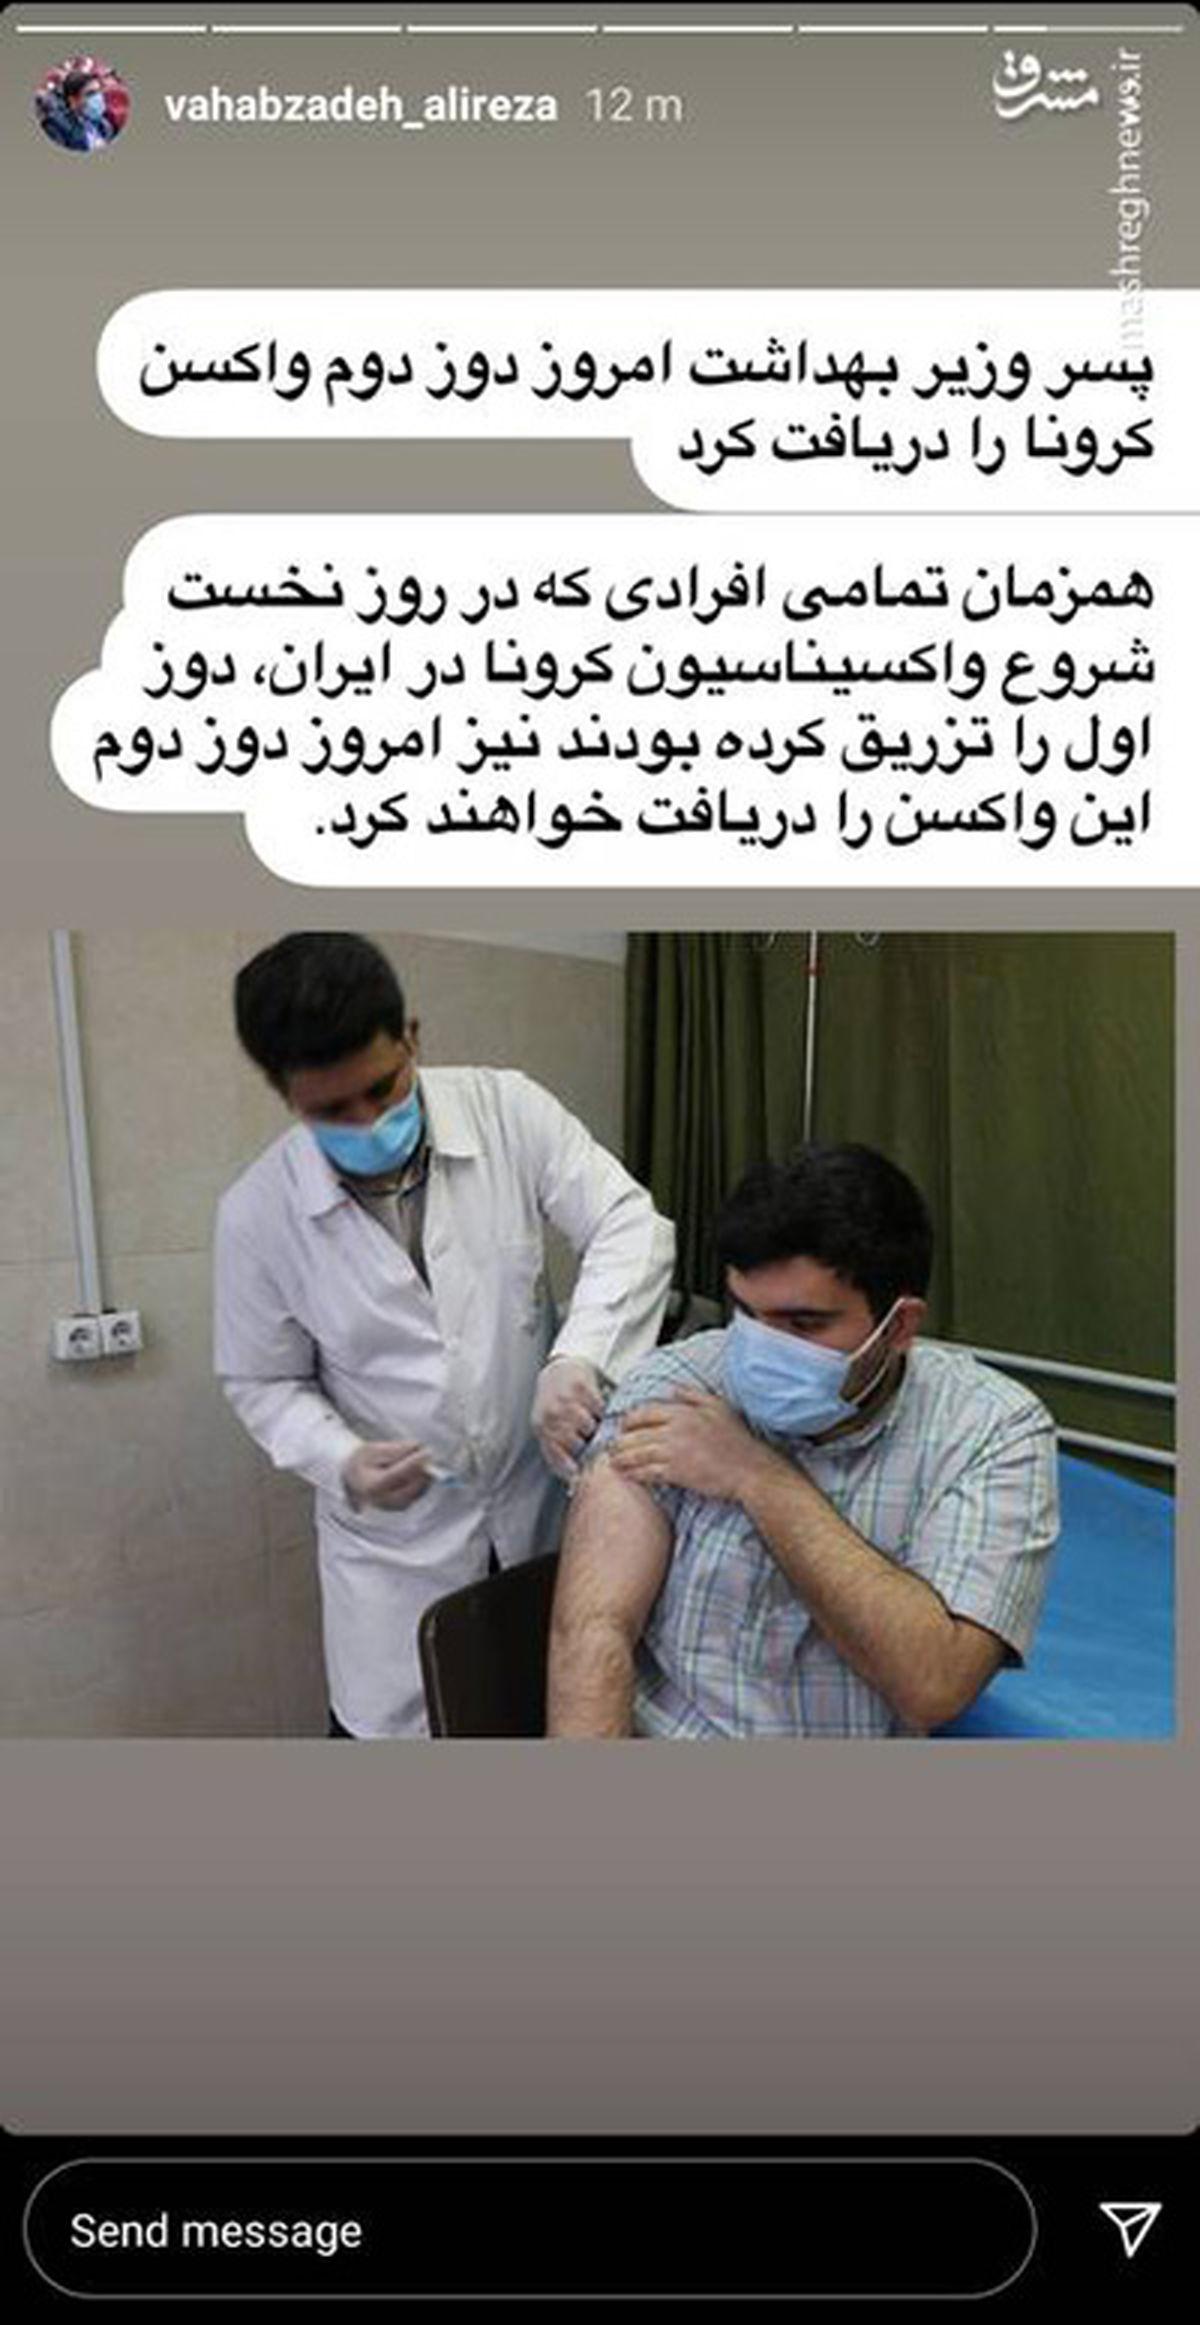 پسر وزیر بهداشت دومین دوز واکسن را تزریق کرد+عکس